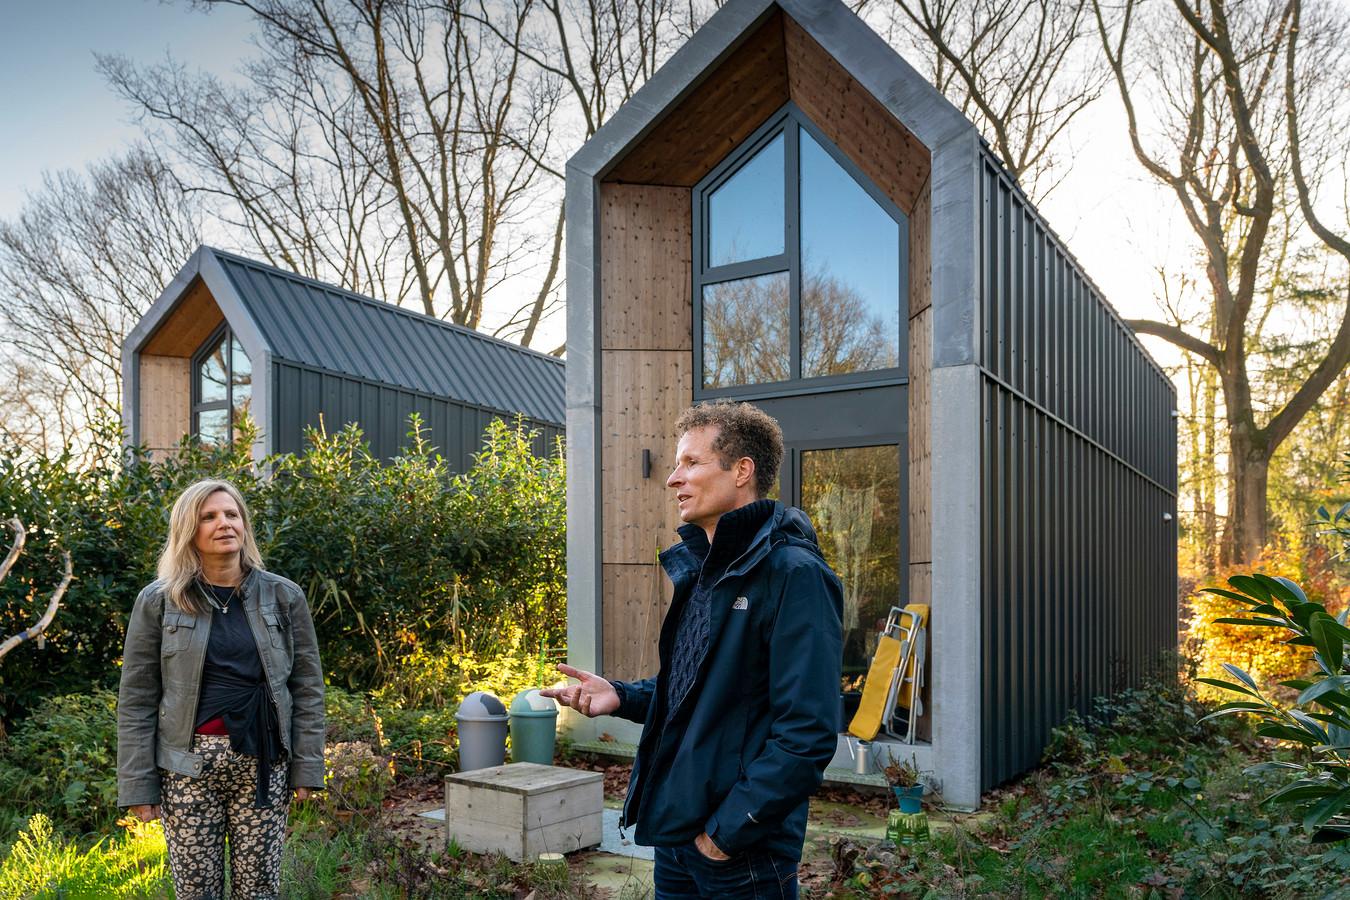 Stijn van Kreij van Butterfly Effect voor de tiny houses op De Binckhorst in Rosmalen. Links huurster Ingrid van Bergen.